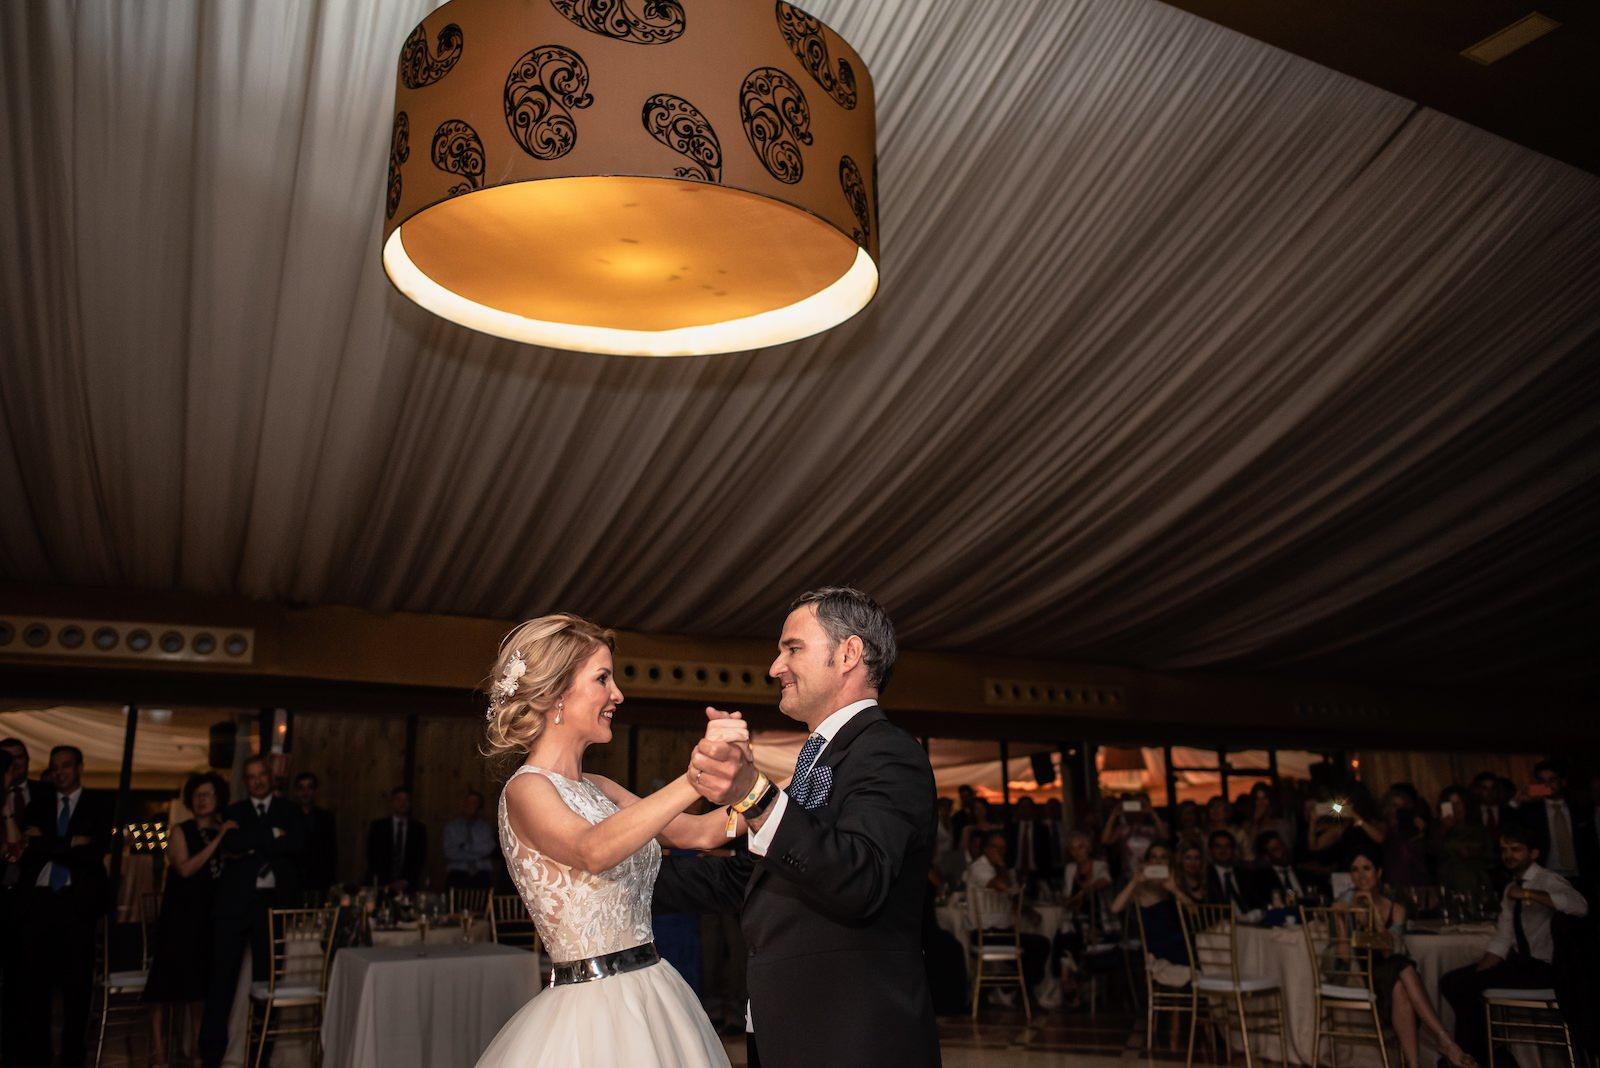 fotografia de boda novios bailando en salon de bodas